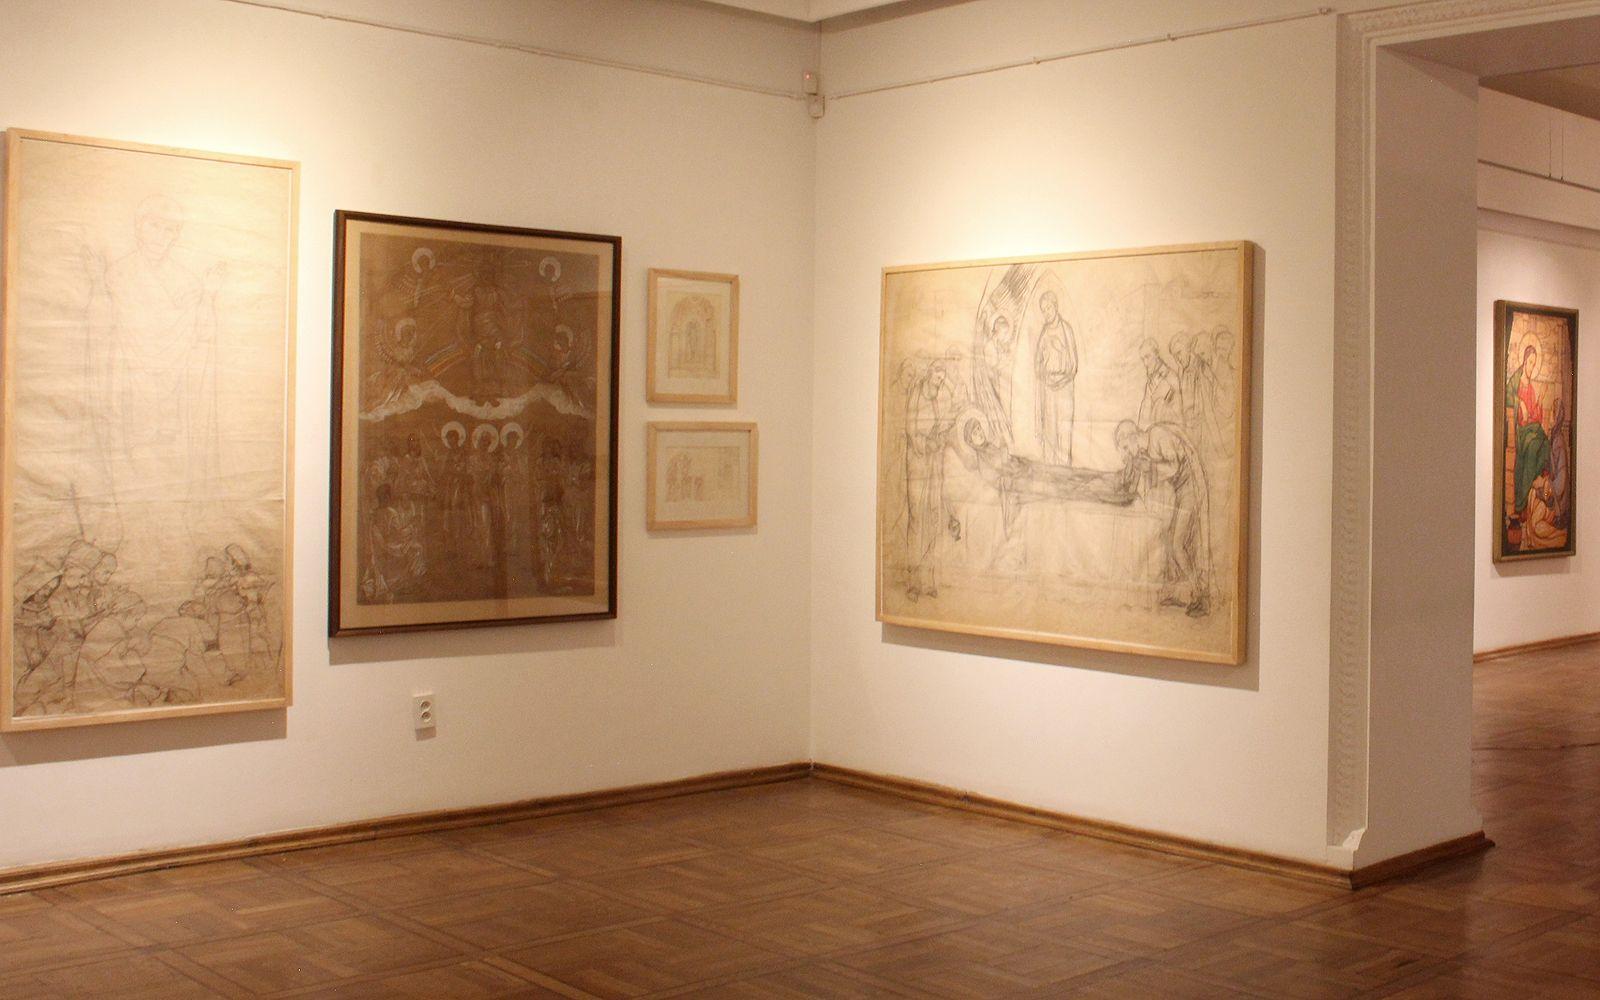 Національний музей у Львові запрошує на унікальну виставку спадщини Модеста Сосенка - фото 63617